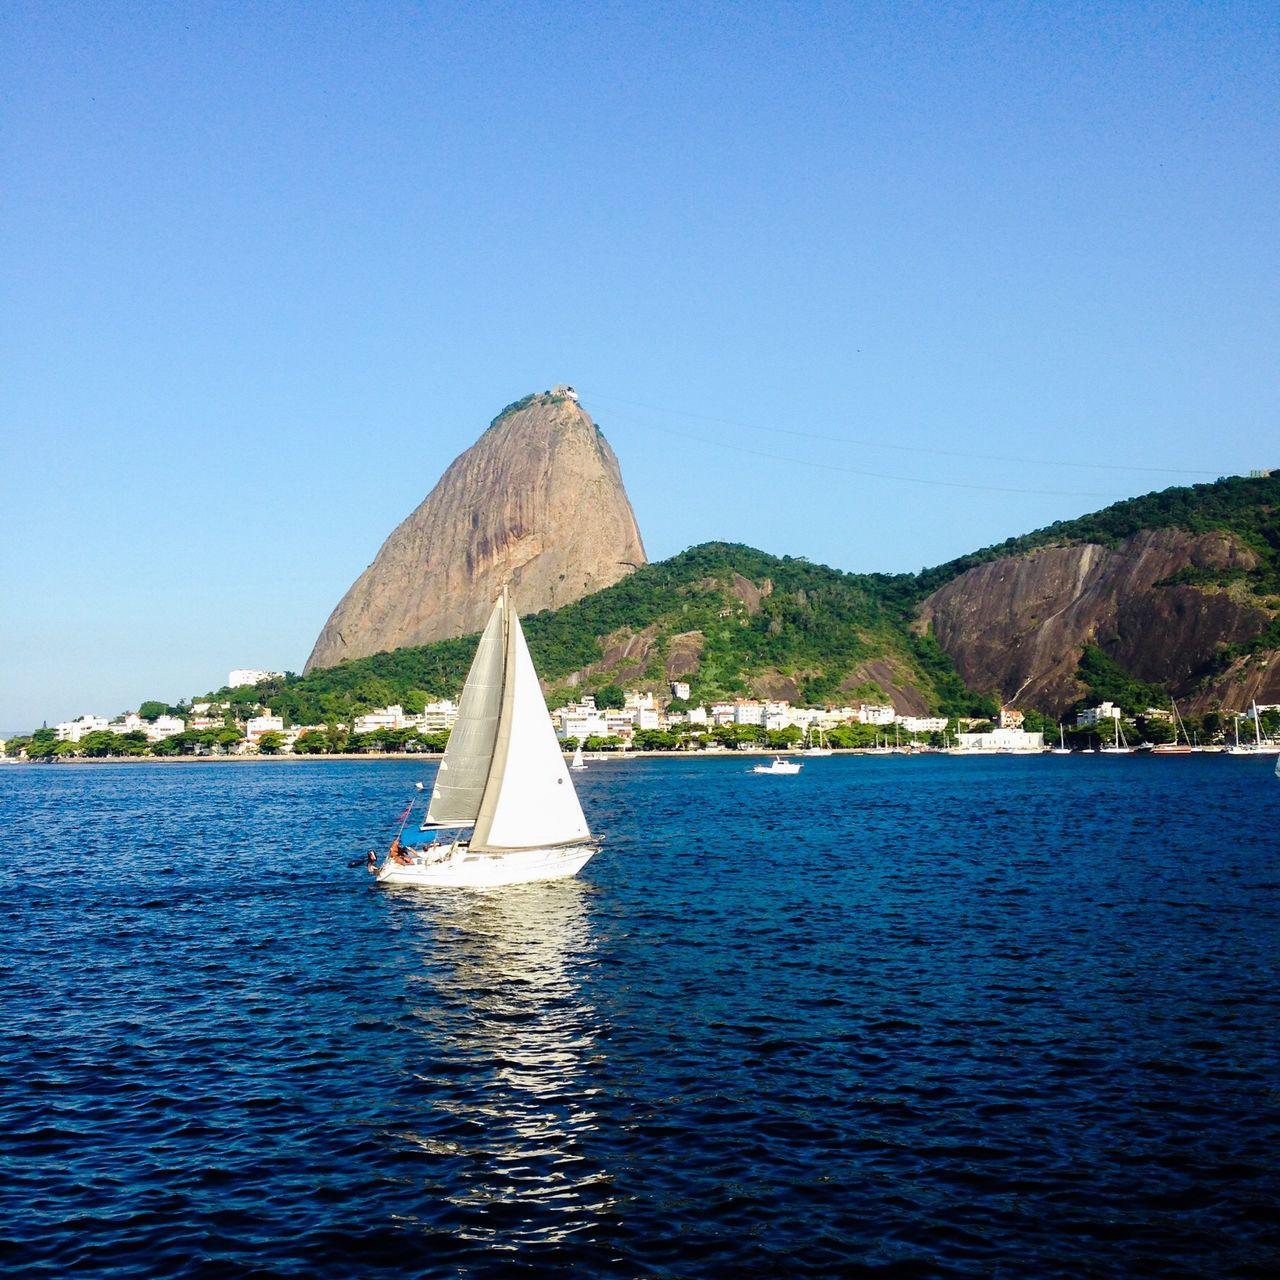 What's On The Roll Sailing Sailboat Sail Away, Sail Away Rio De Janeiro Riodejaneiro Pão De Açucar Sugar Loaf Baia Da Guanabara Baía De Guanabara Sunny Day